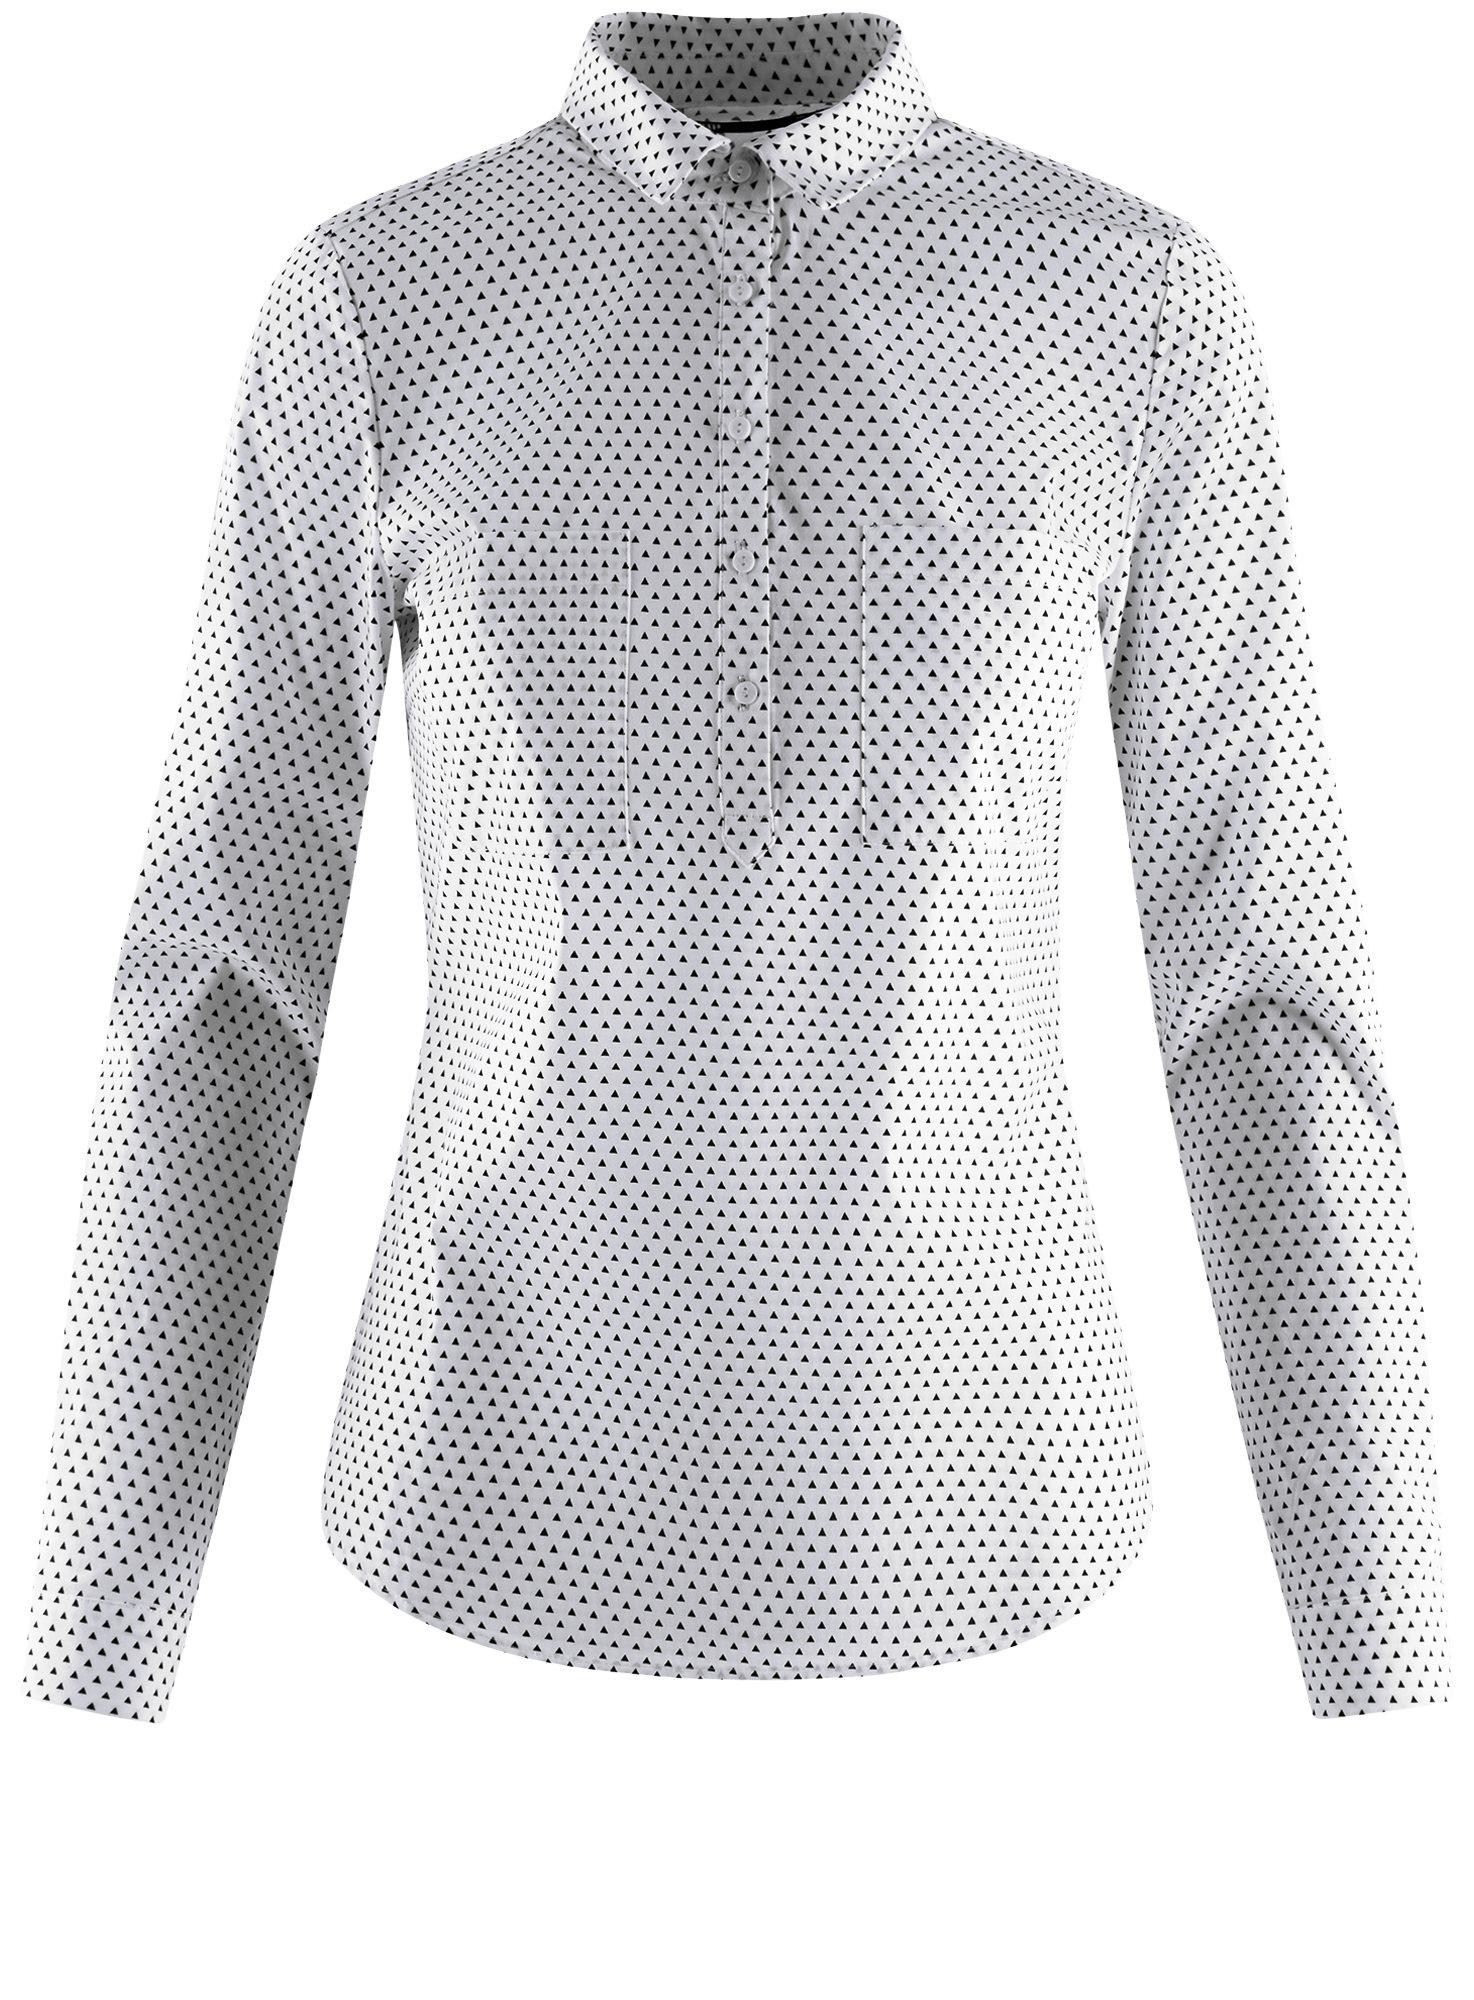 Рубашка базовая с нагрудными карманами oodji для женщины (белый), 11403222B/42468/1029G